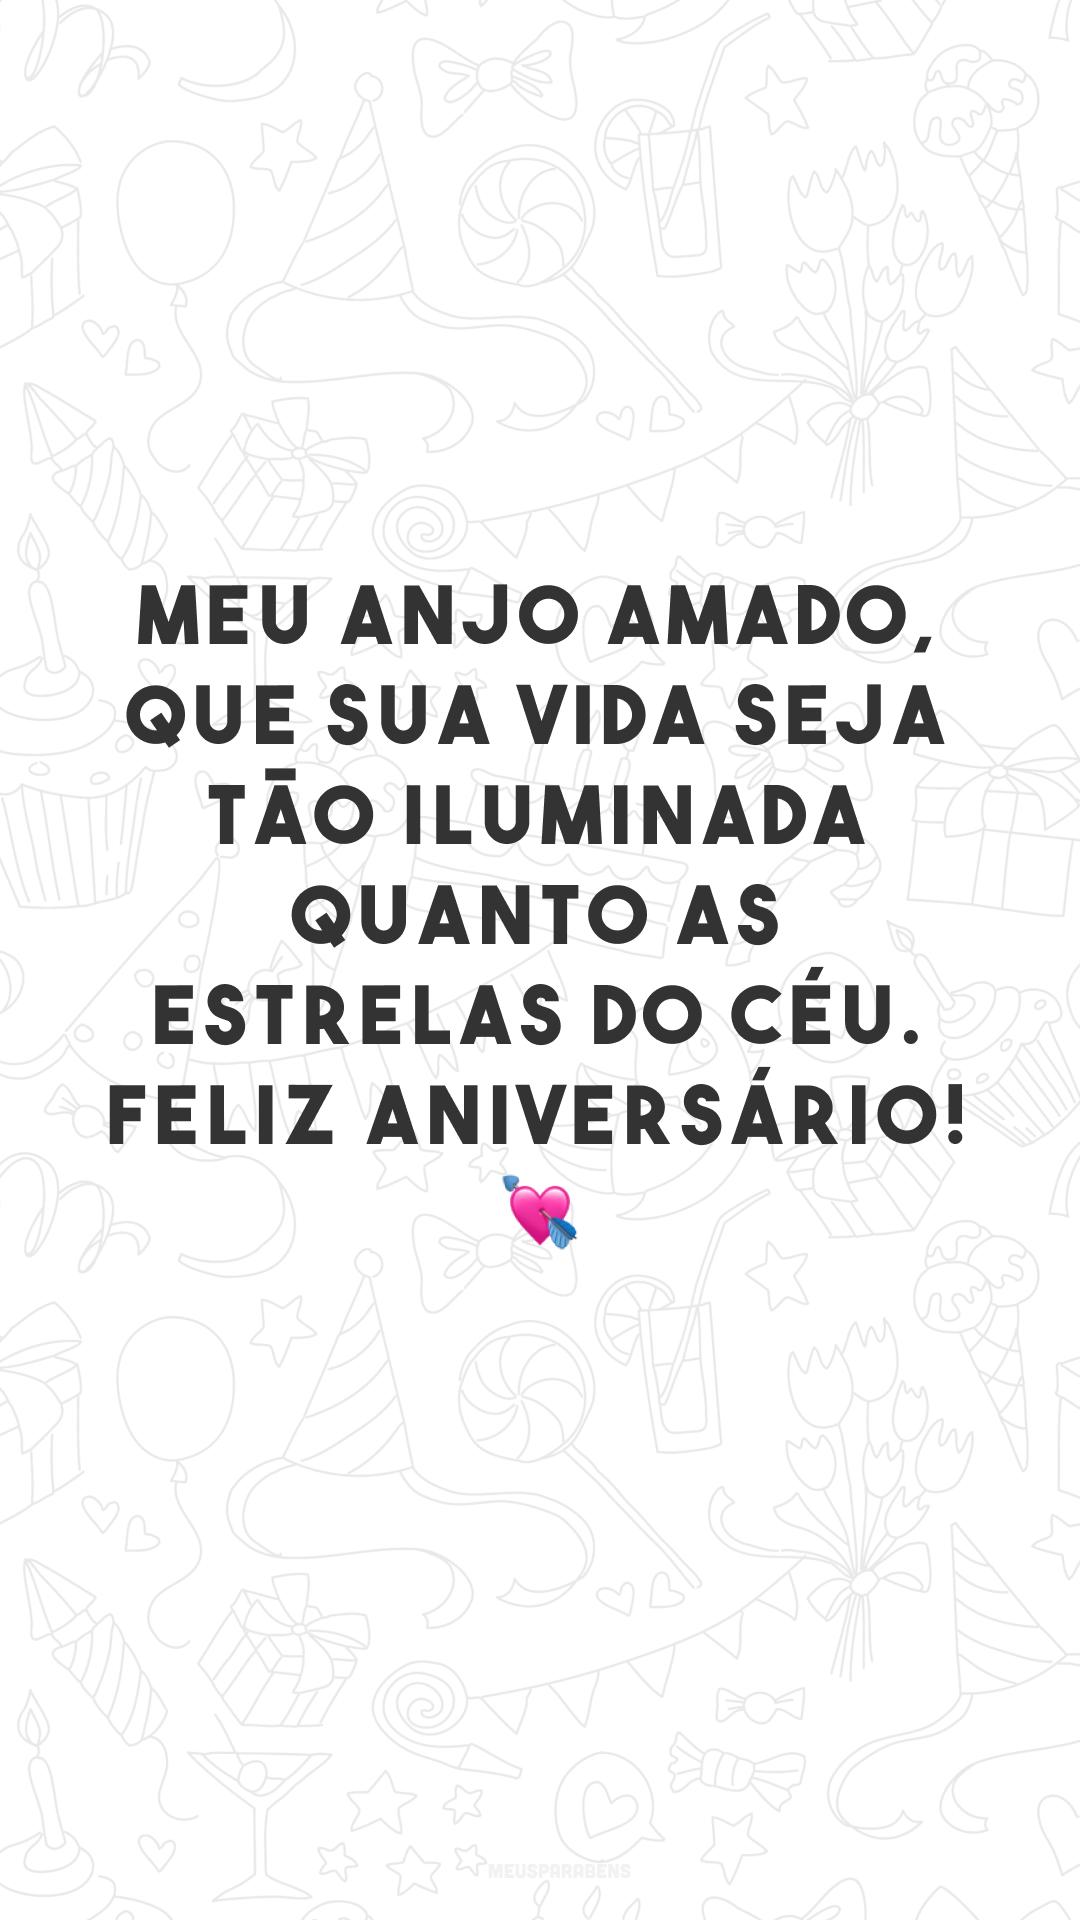 Meu anjo amado, que sua vida seja tão iluminada quanto as estrelas do céu. Feliz aniversário! 💘